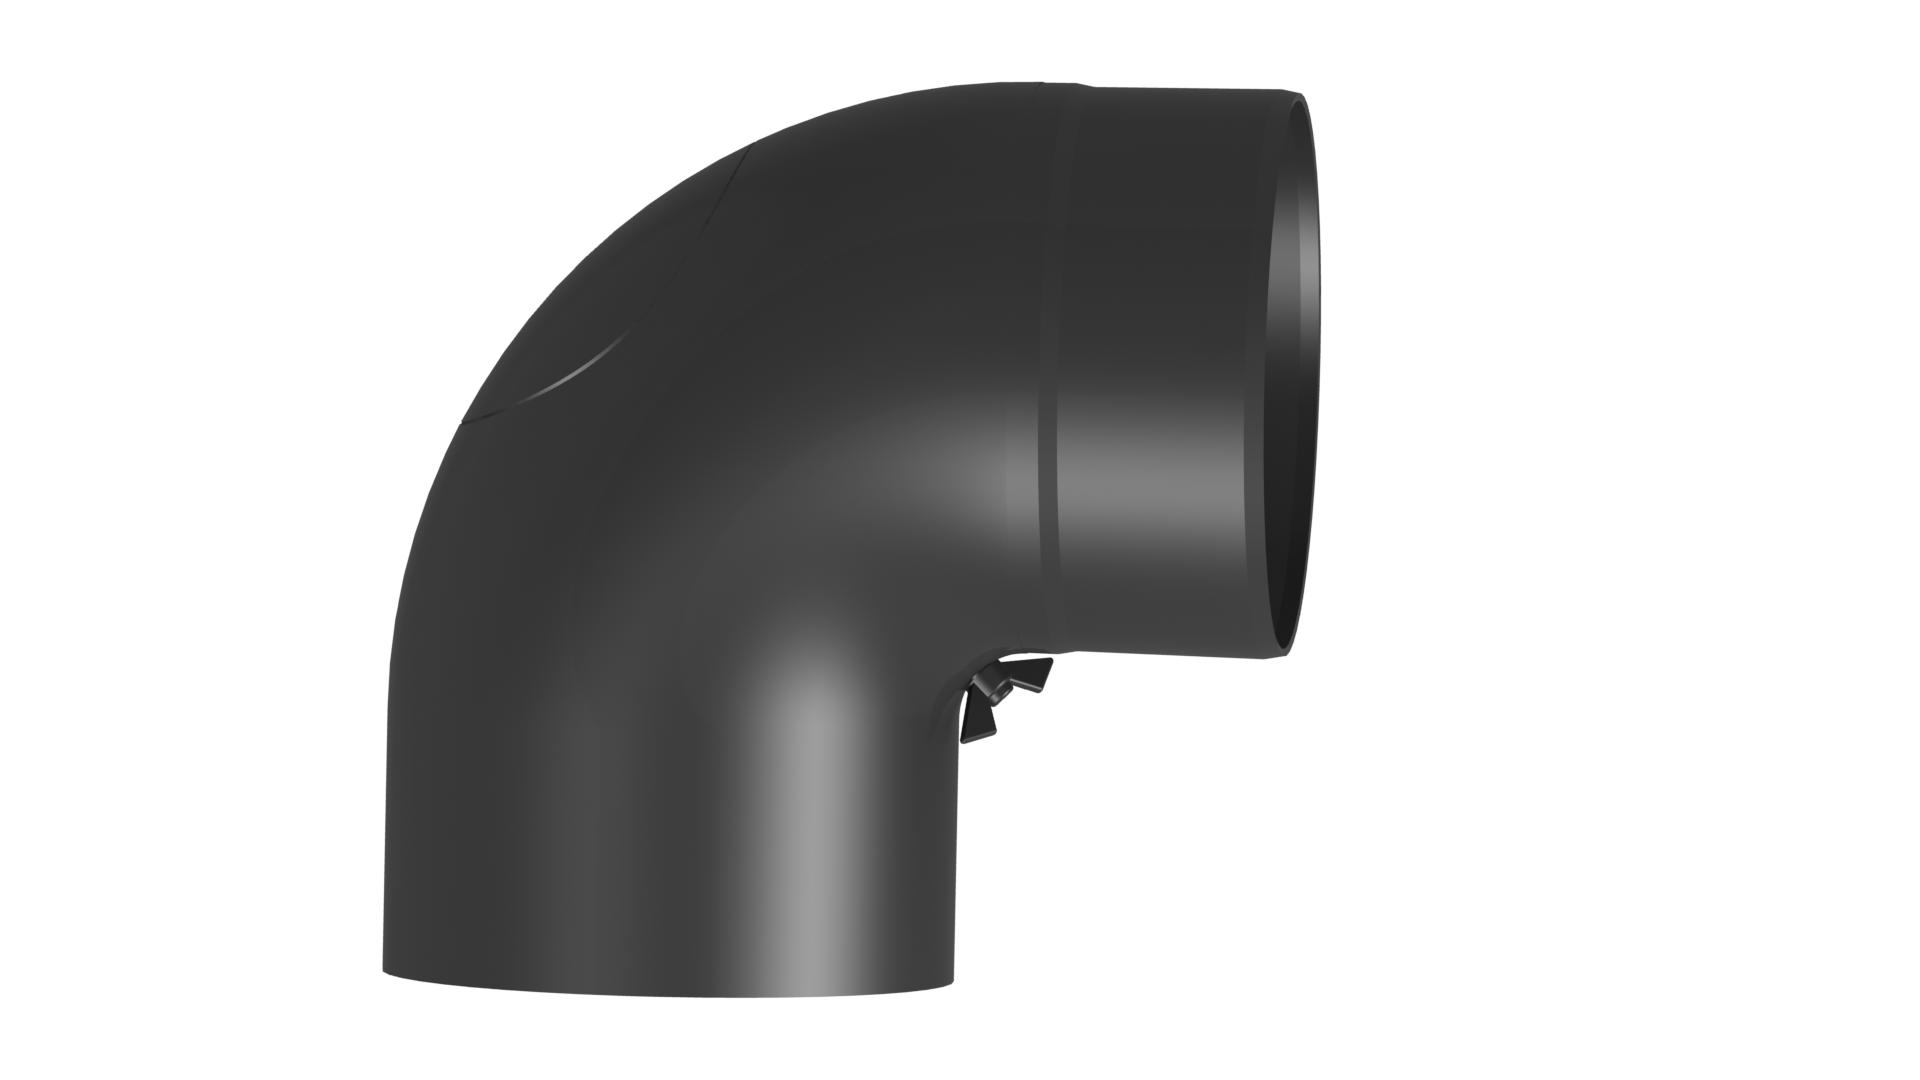 Kachelpijp – Bocht met volledige boog 90 ° met inspectiedeur - Diameter: 150 mm zwart - Jeremias Ferro-Lux